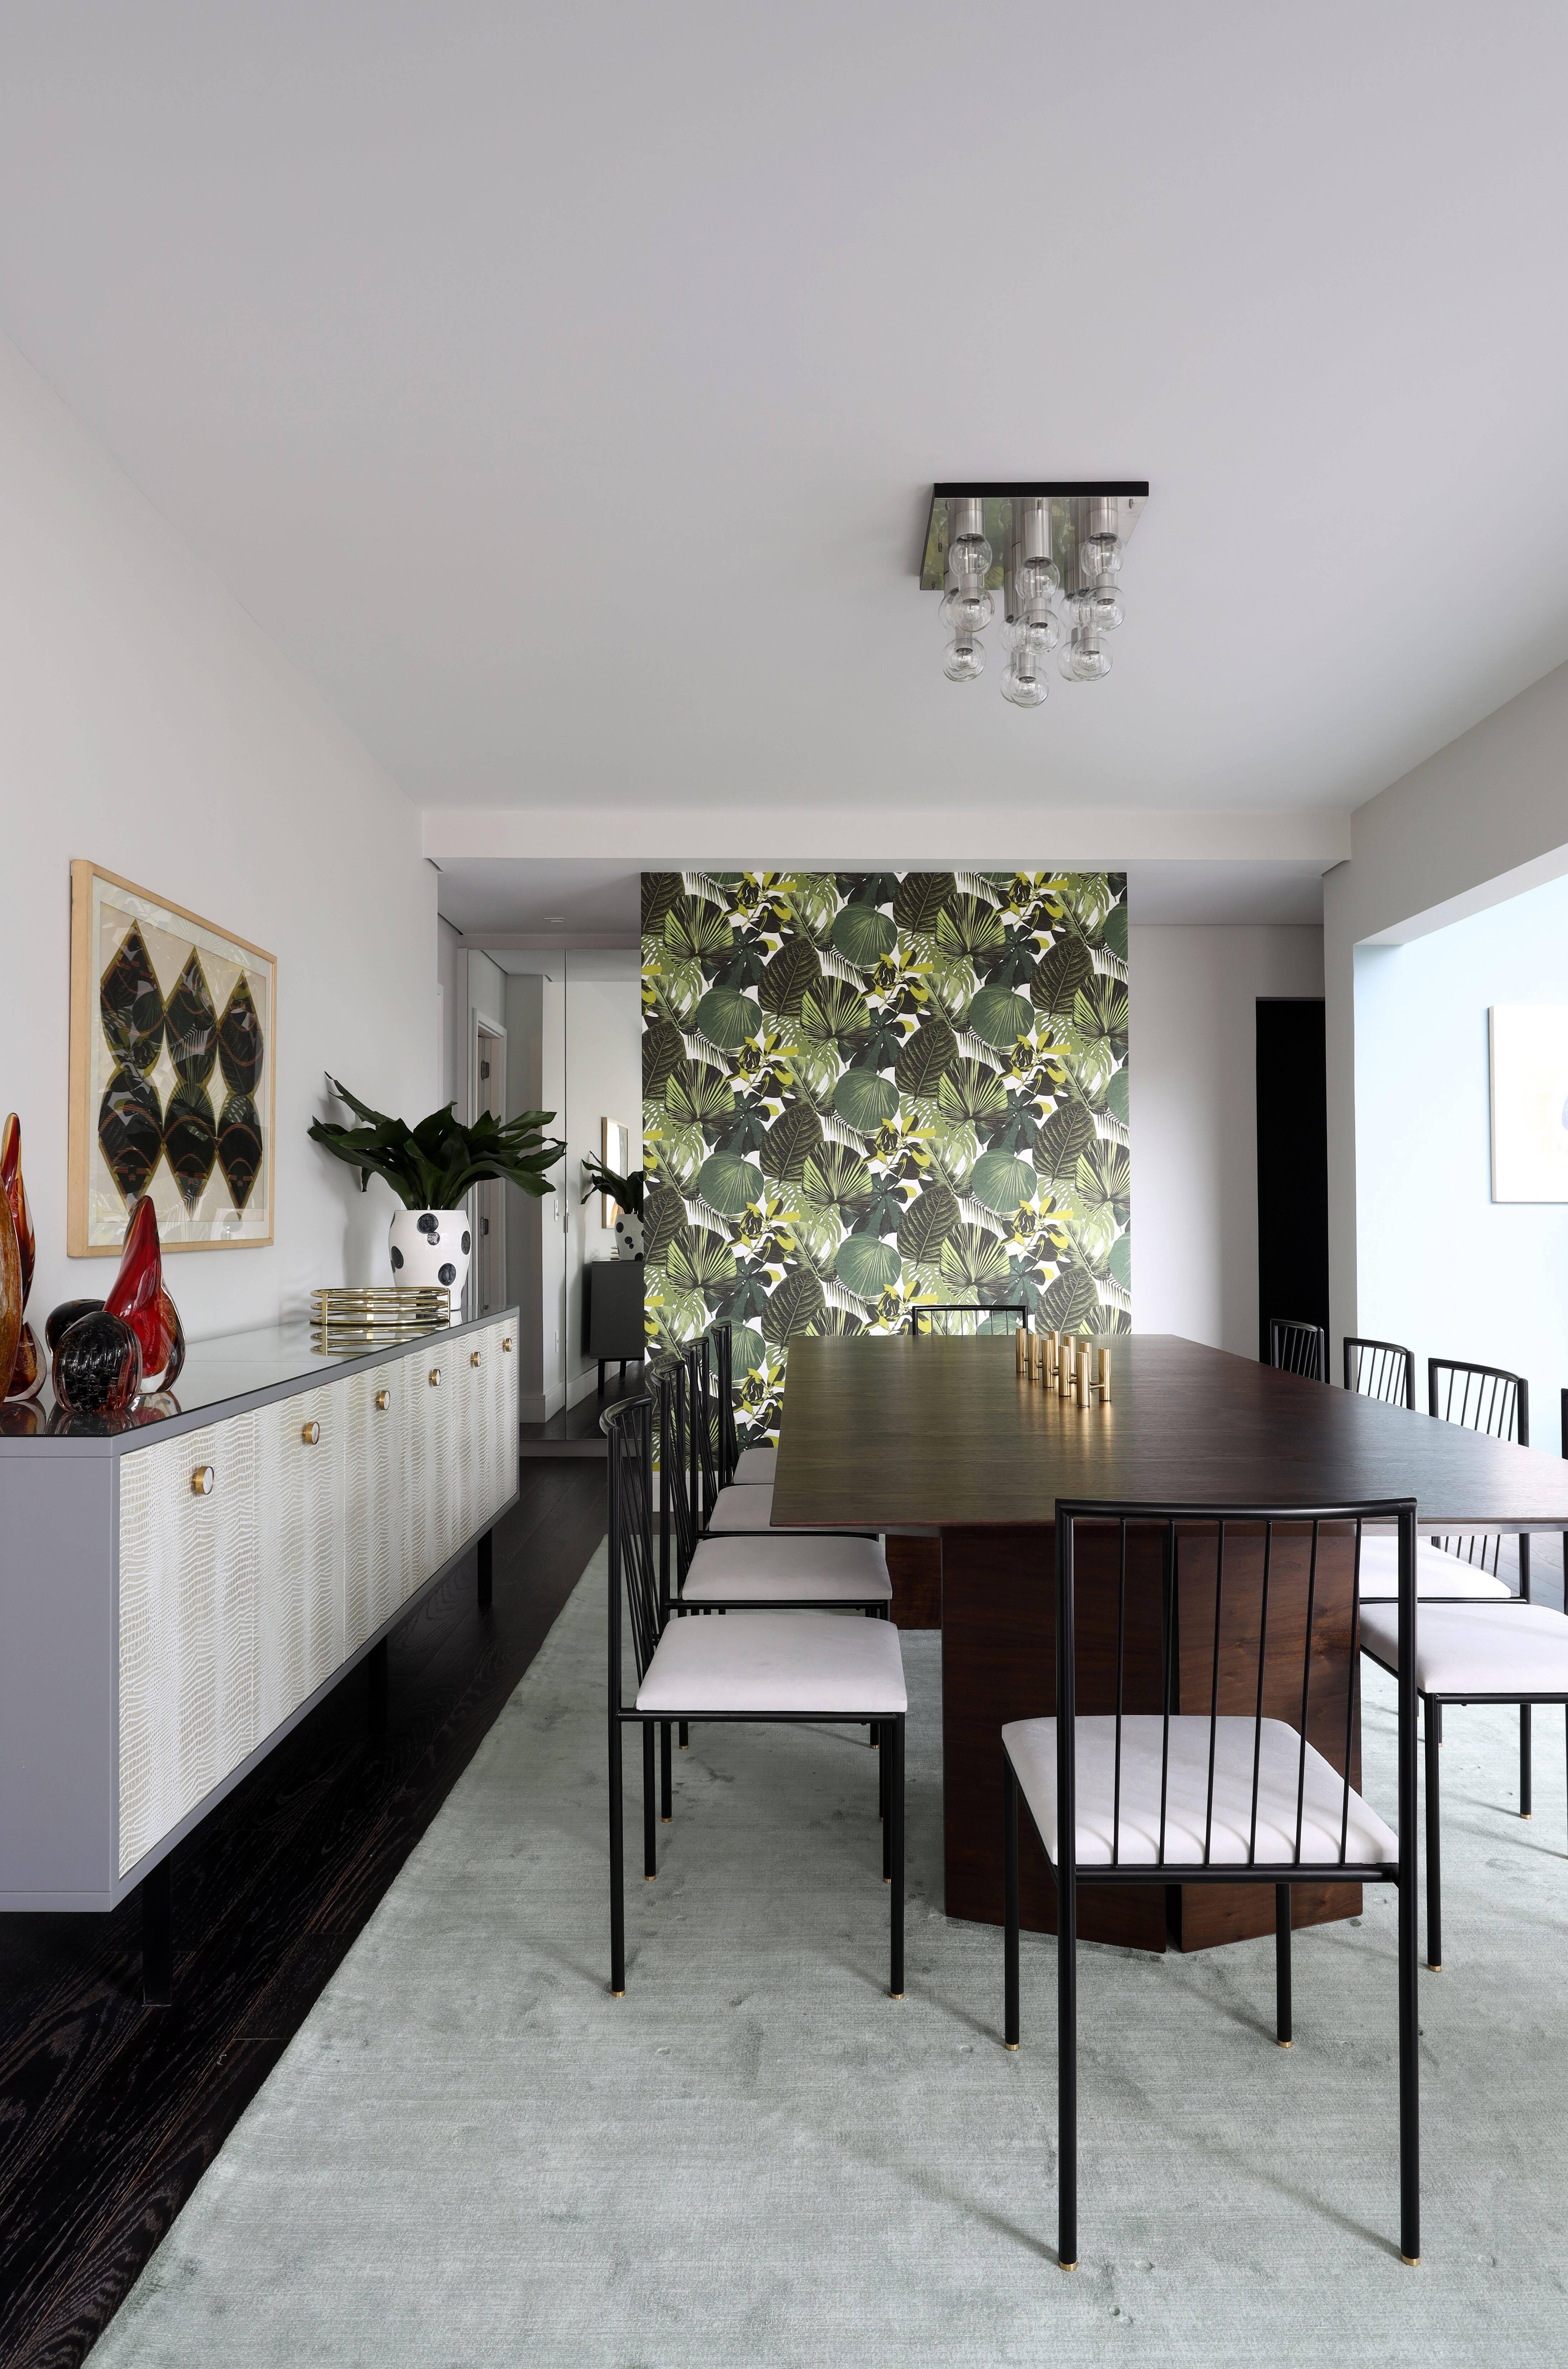 O ar tropicalista que complementa a pegada vintage da decoração está presente no papel de parede da sala de jantar, utilizado também nos nichos da cozinha